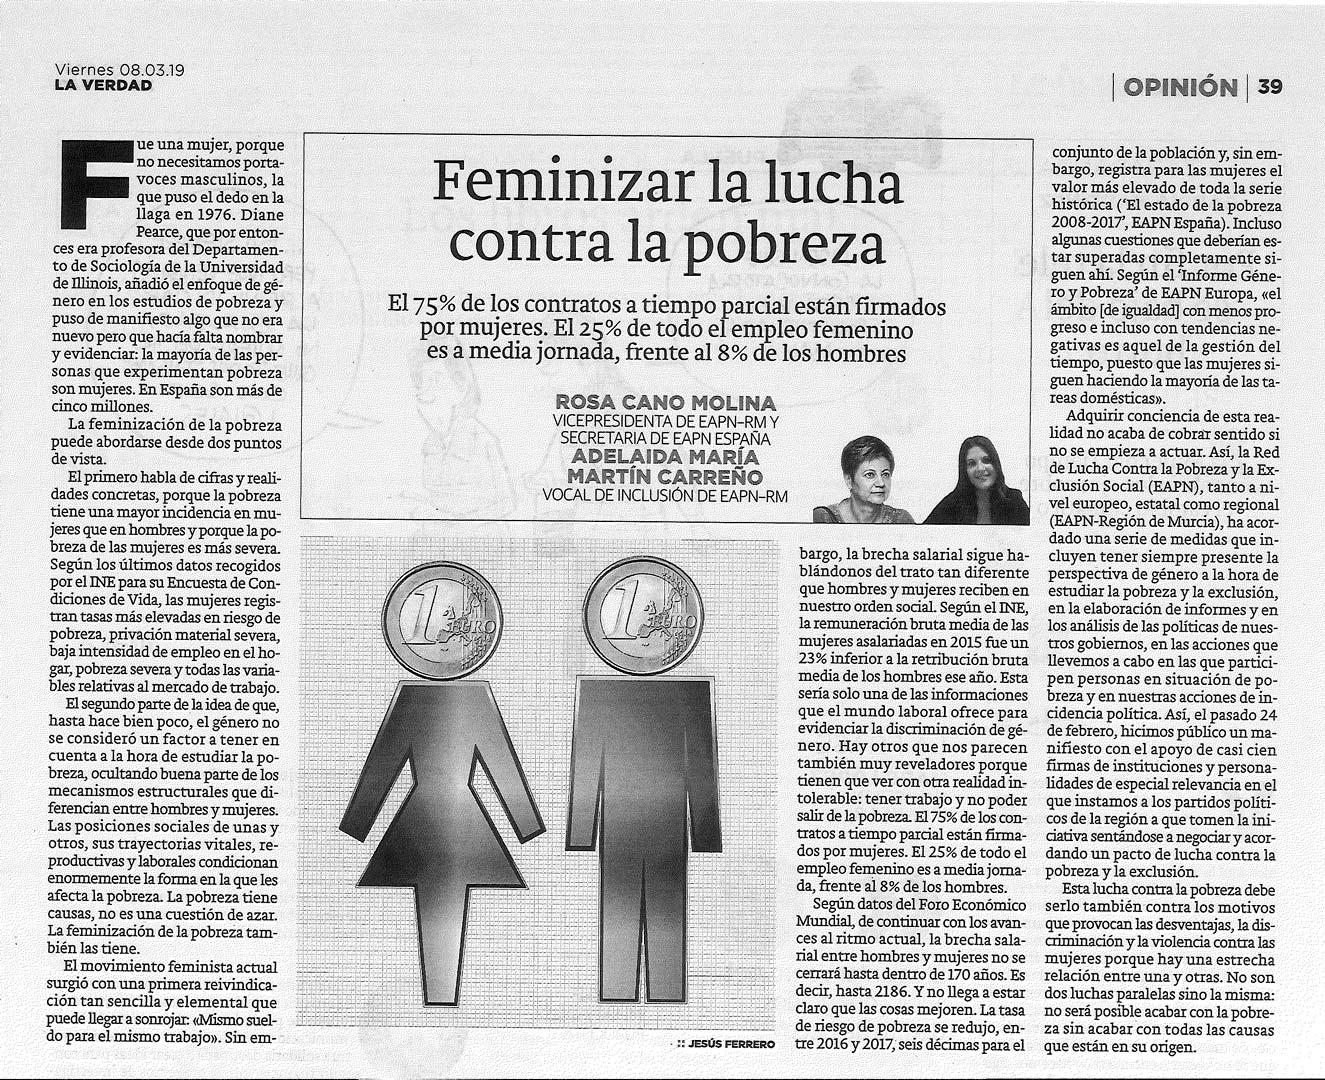 #MujeresContraLaPobreza